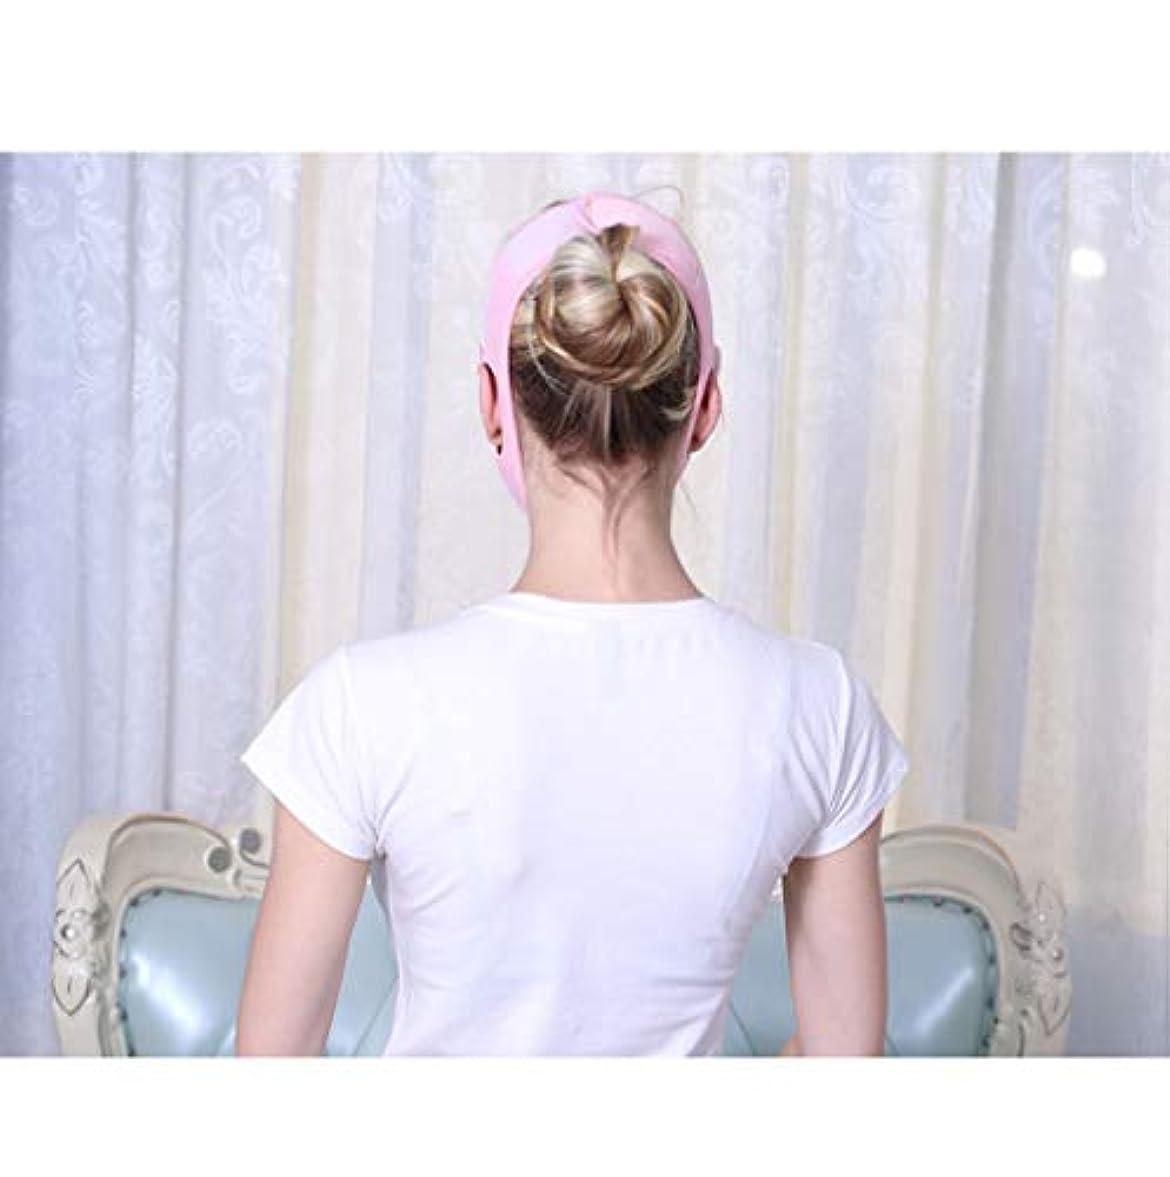 論理正当化する閉じ込める薄い表面ベルト、二重あごのDecreeのマスクの持ち上がることの固まる睡眠のマスクへのVの表面包帯 (Color : Pink)